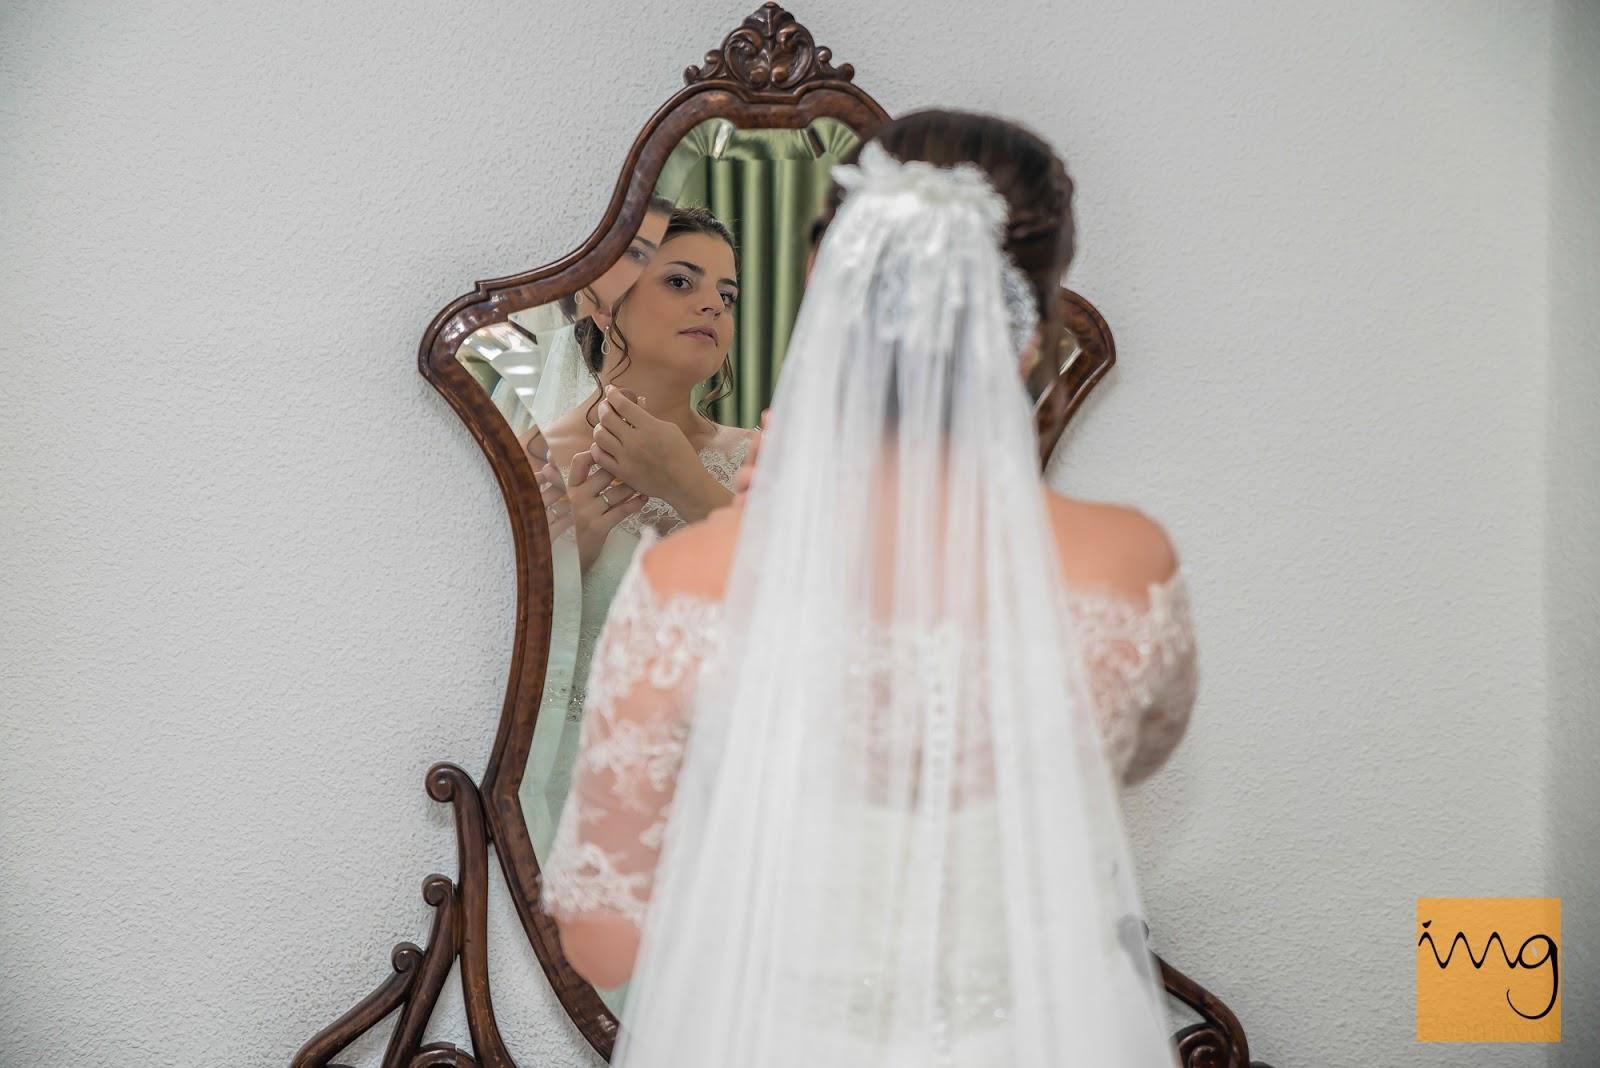 Fotografía de boda delante del espejo